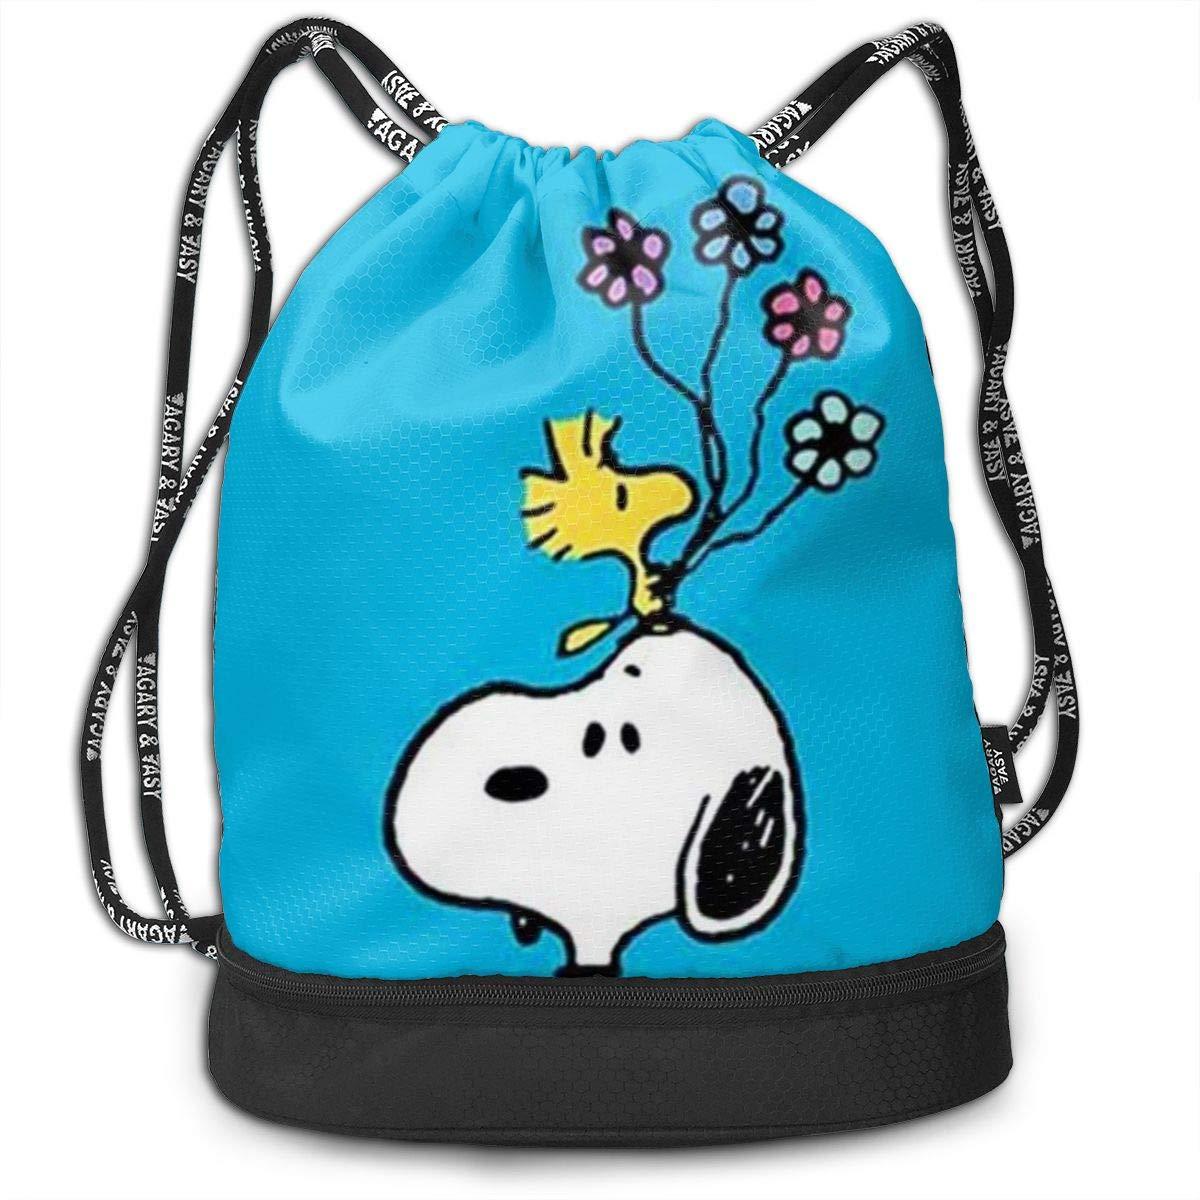 MPJTJGWZ 巾着バッグ スタイリッシュ スヌーピー フラワー 軽量 バックパック スポーツ ジム バンドル バックパック B07SBSQFQF